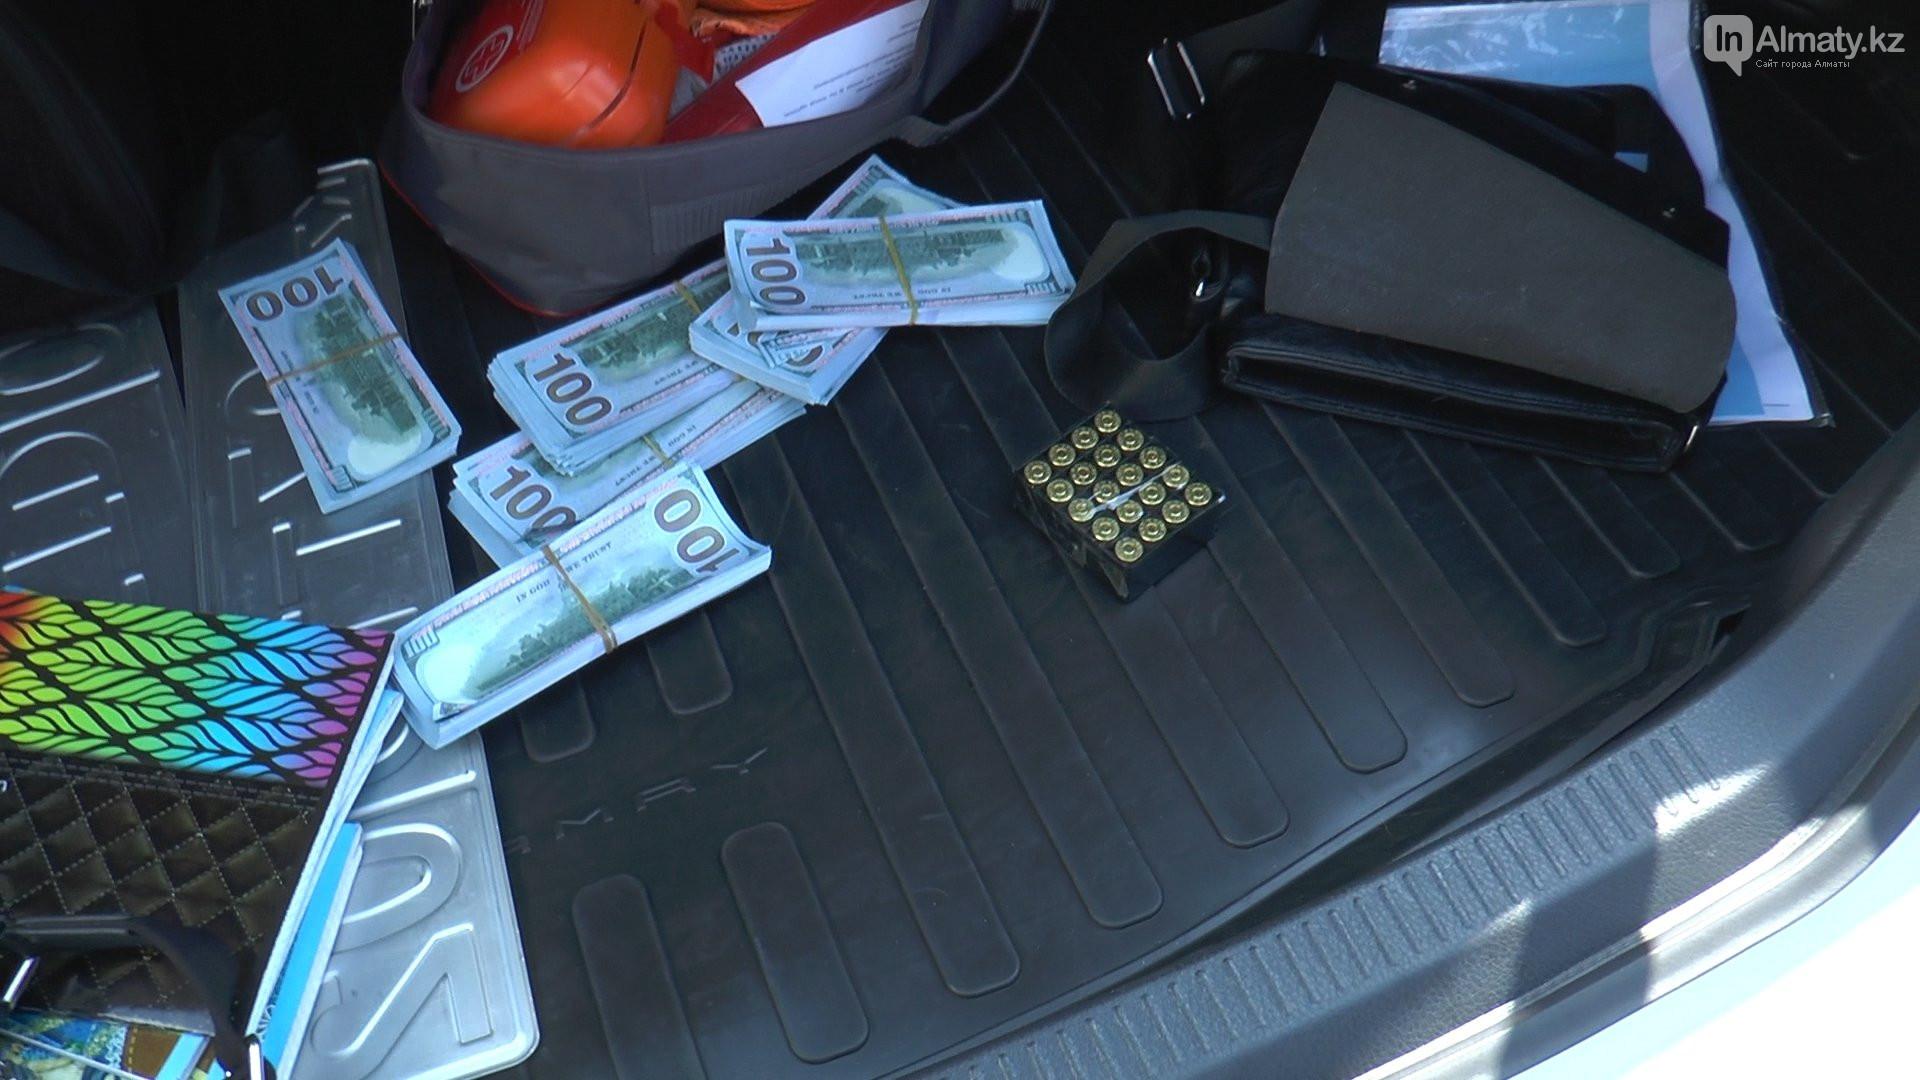 В Алматы задержали водителя с долларами и оружием в багажнике